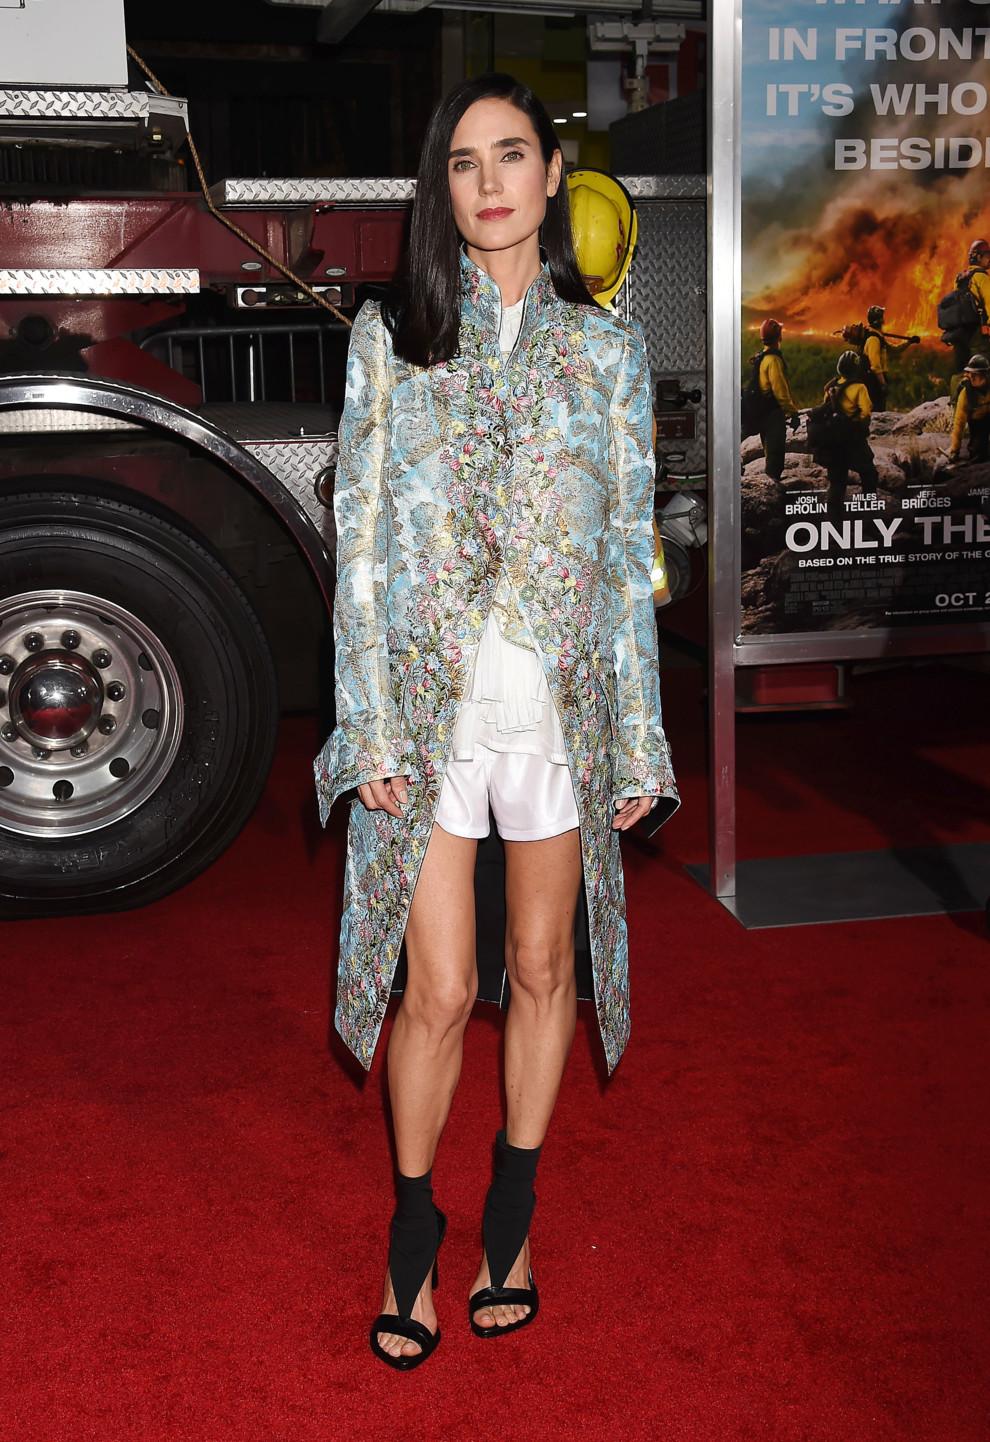 Дженнифер Коннелли в наряде из новой коллекции Louis Vuitton